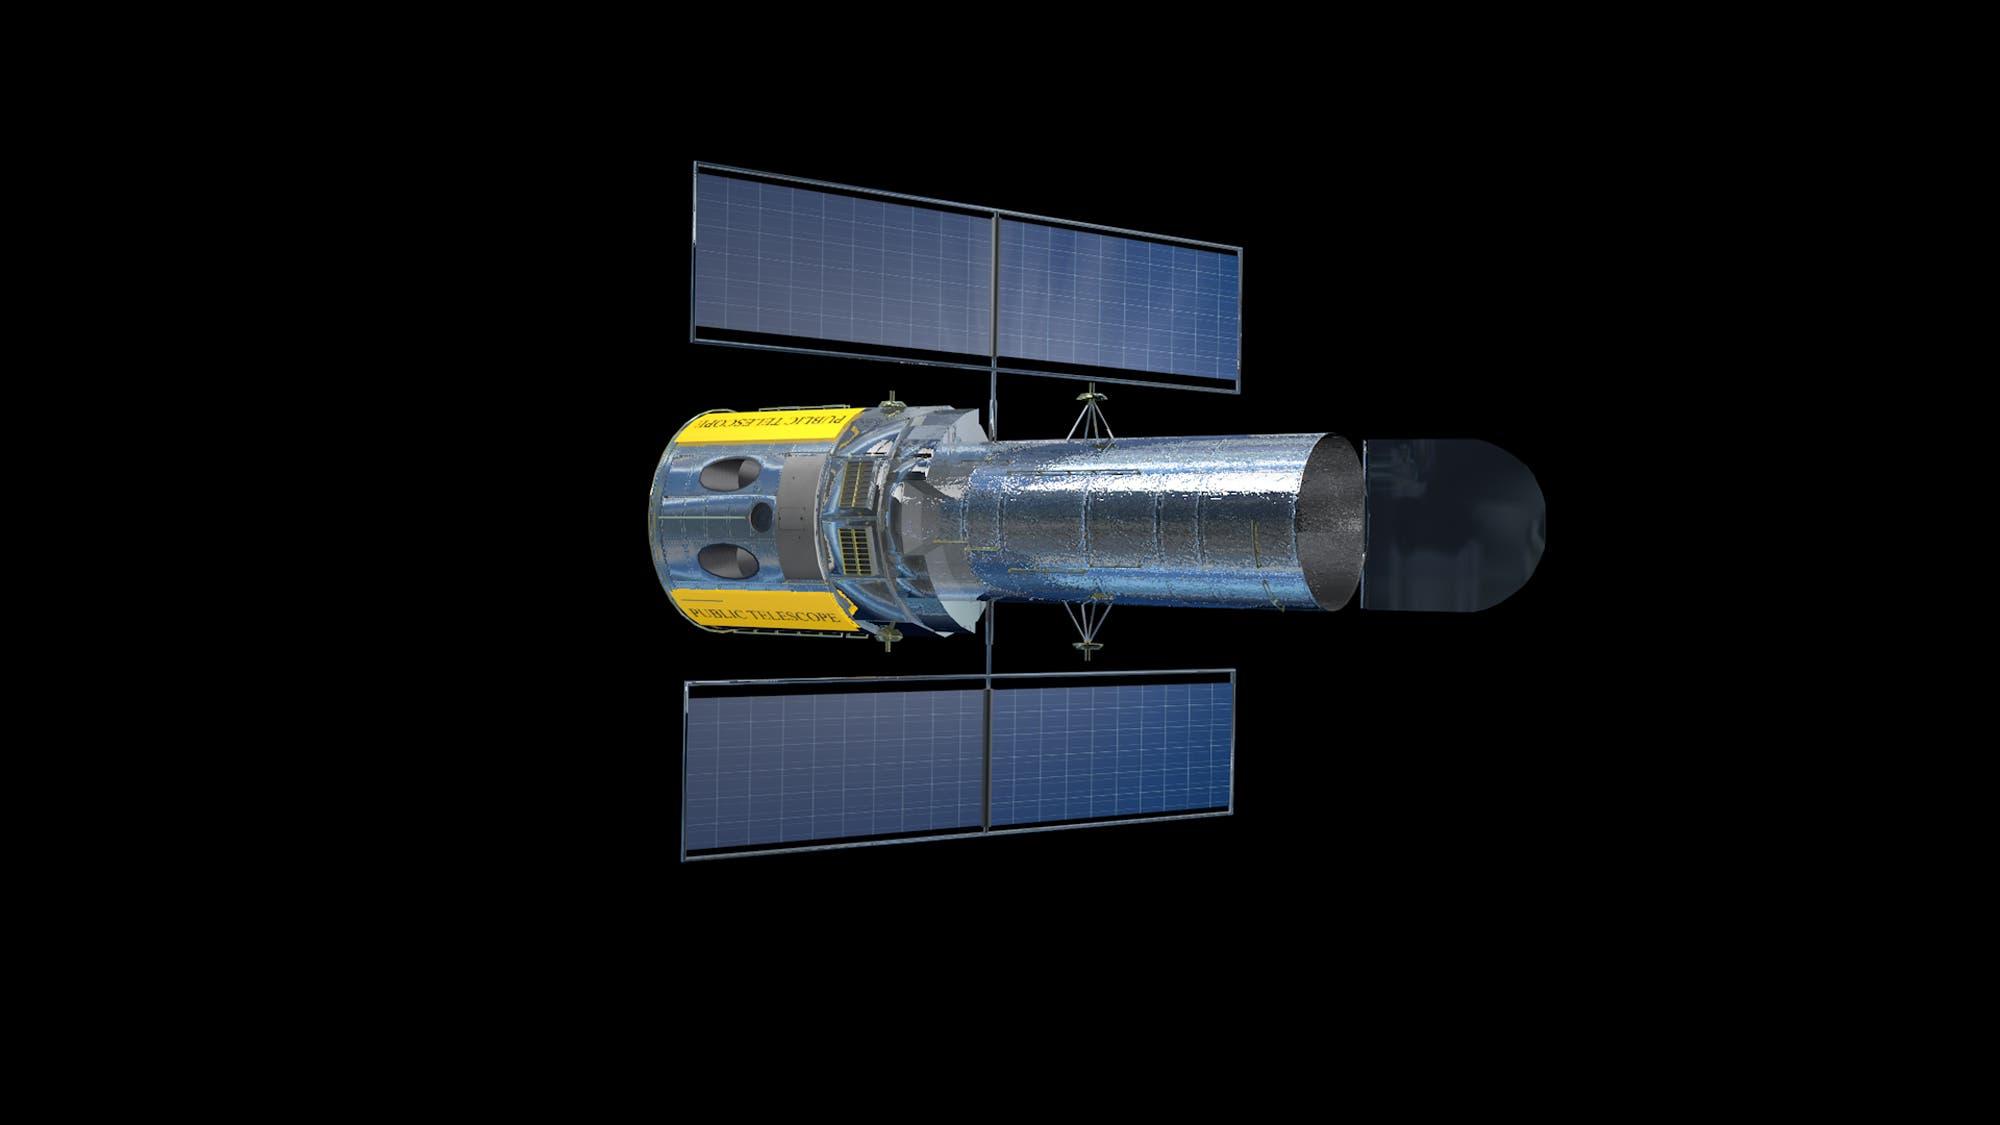 Das Projekt Public Telescope (künstlerische Darstellung)